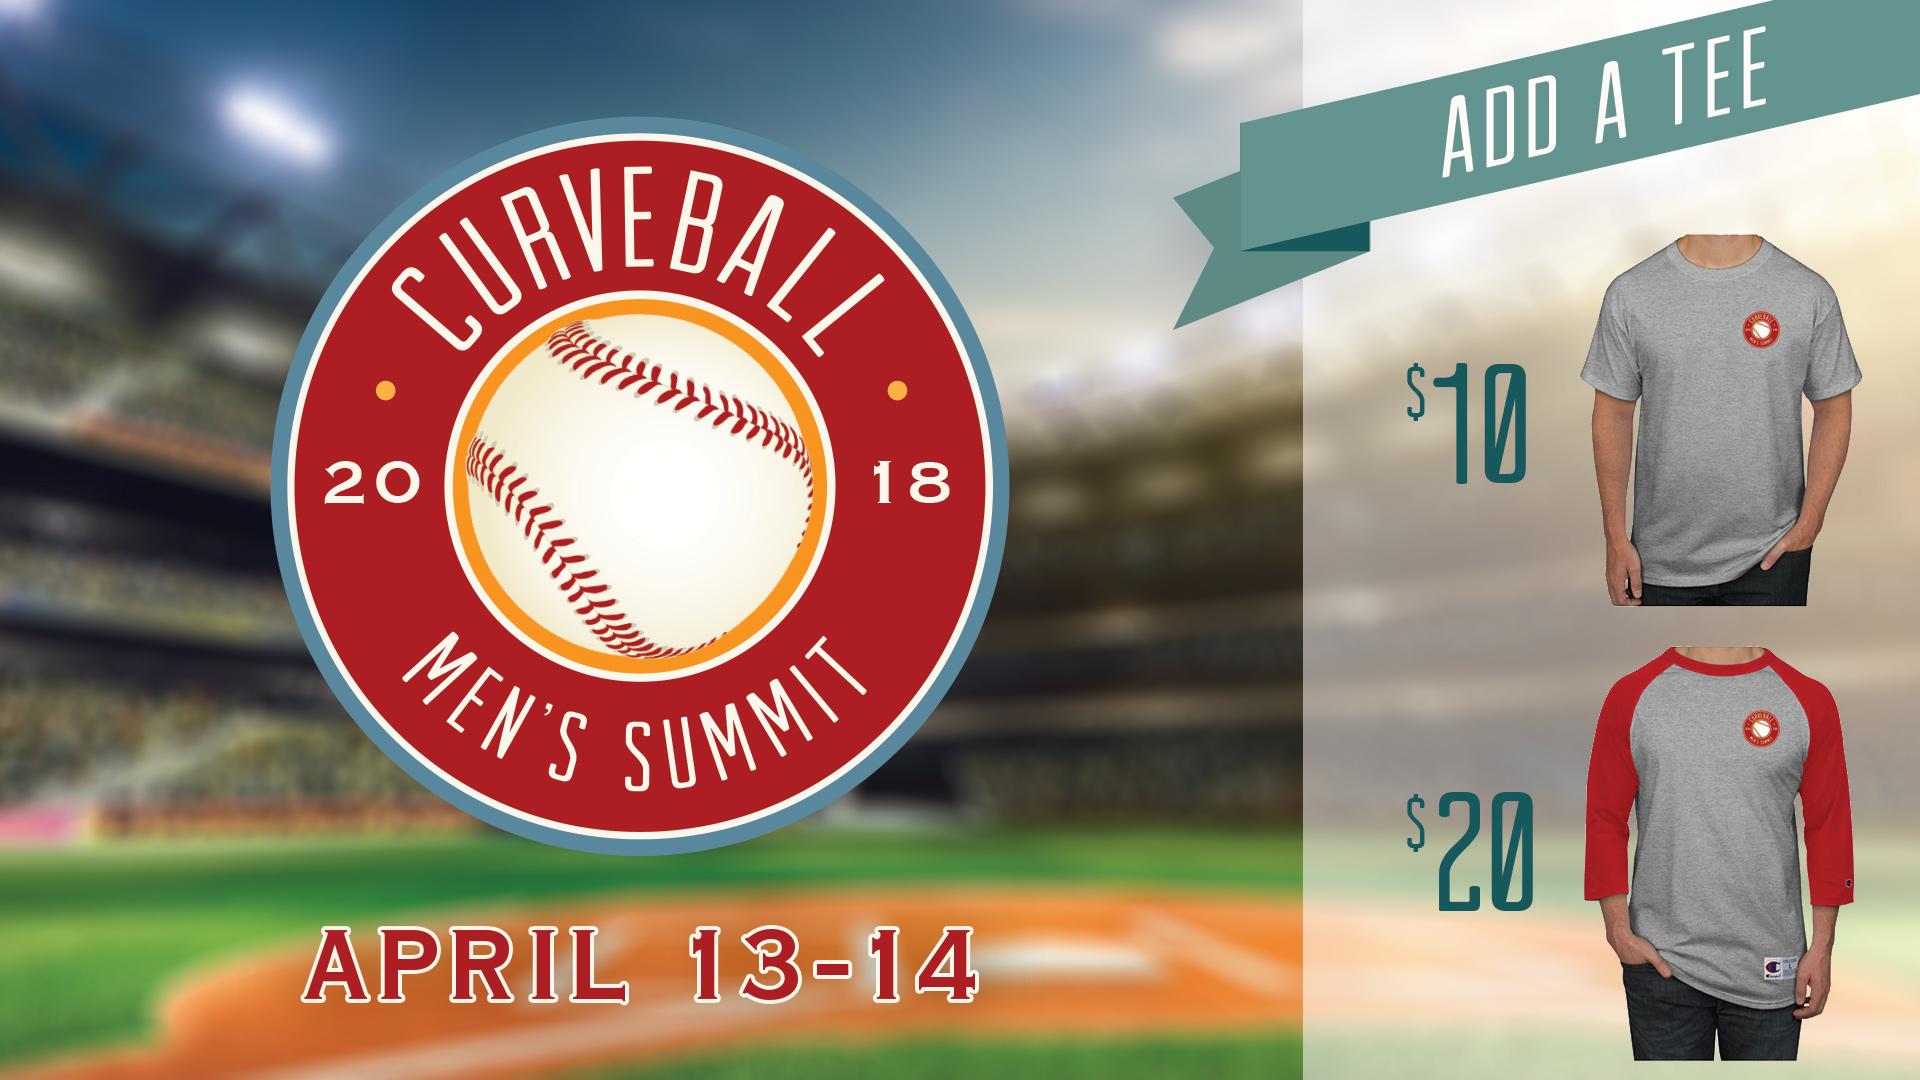 Summit registration banner